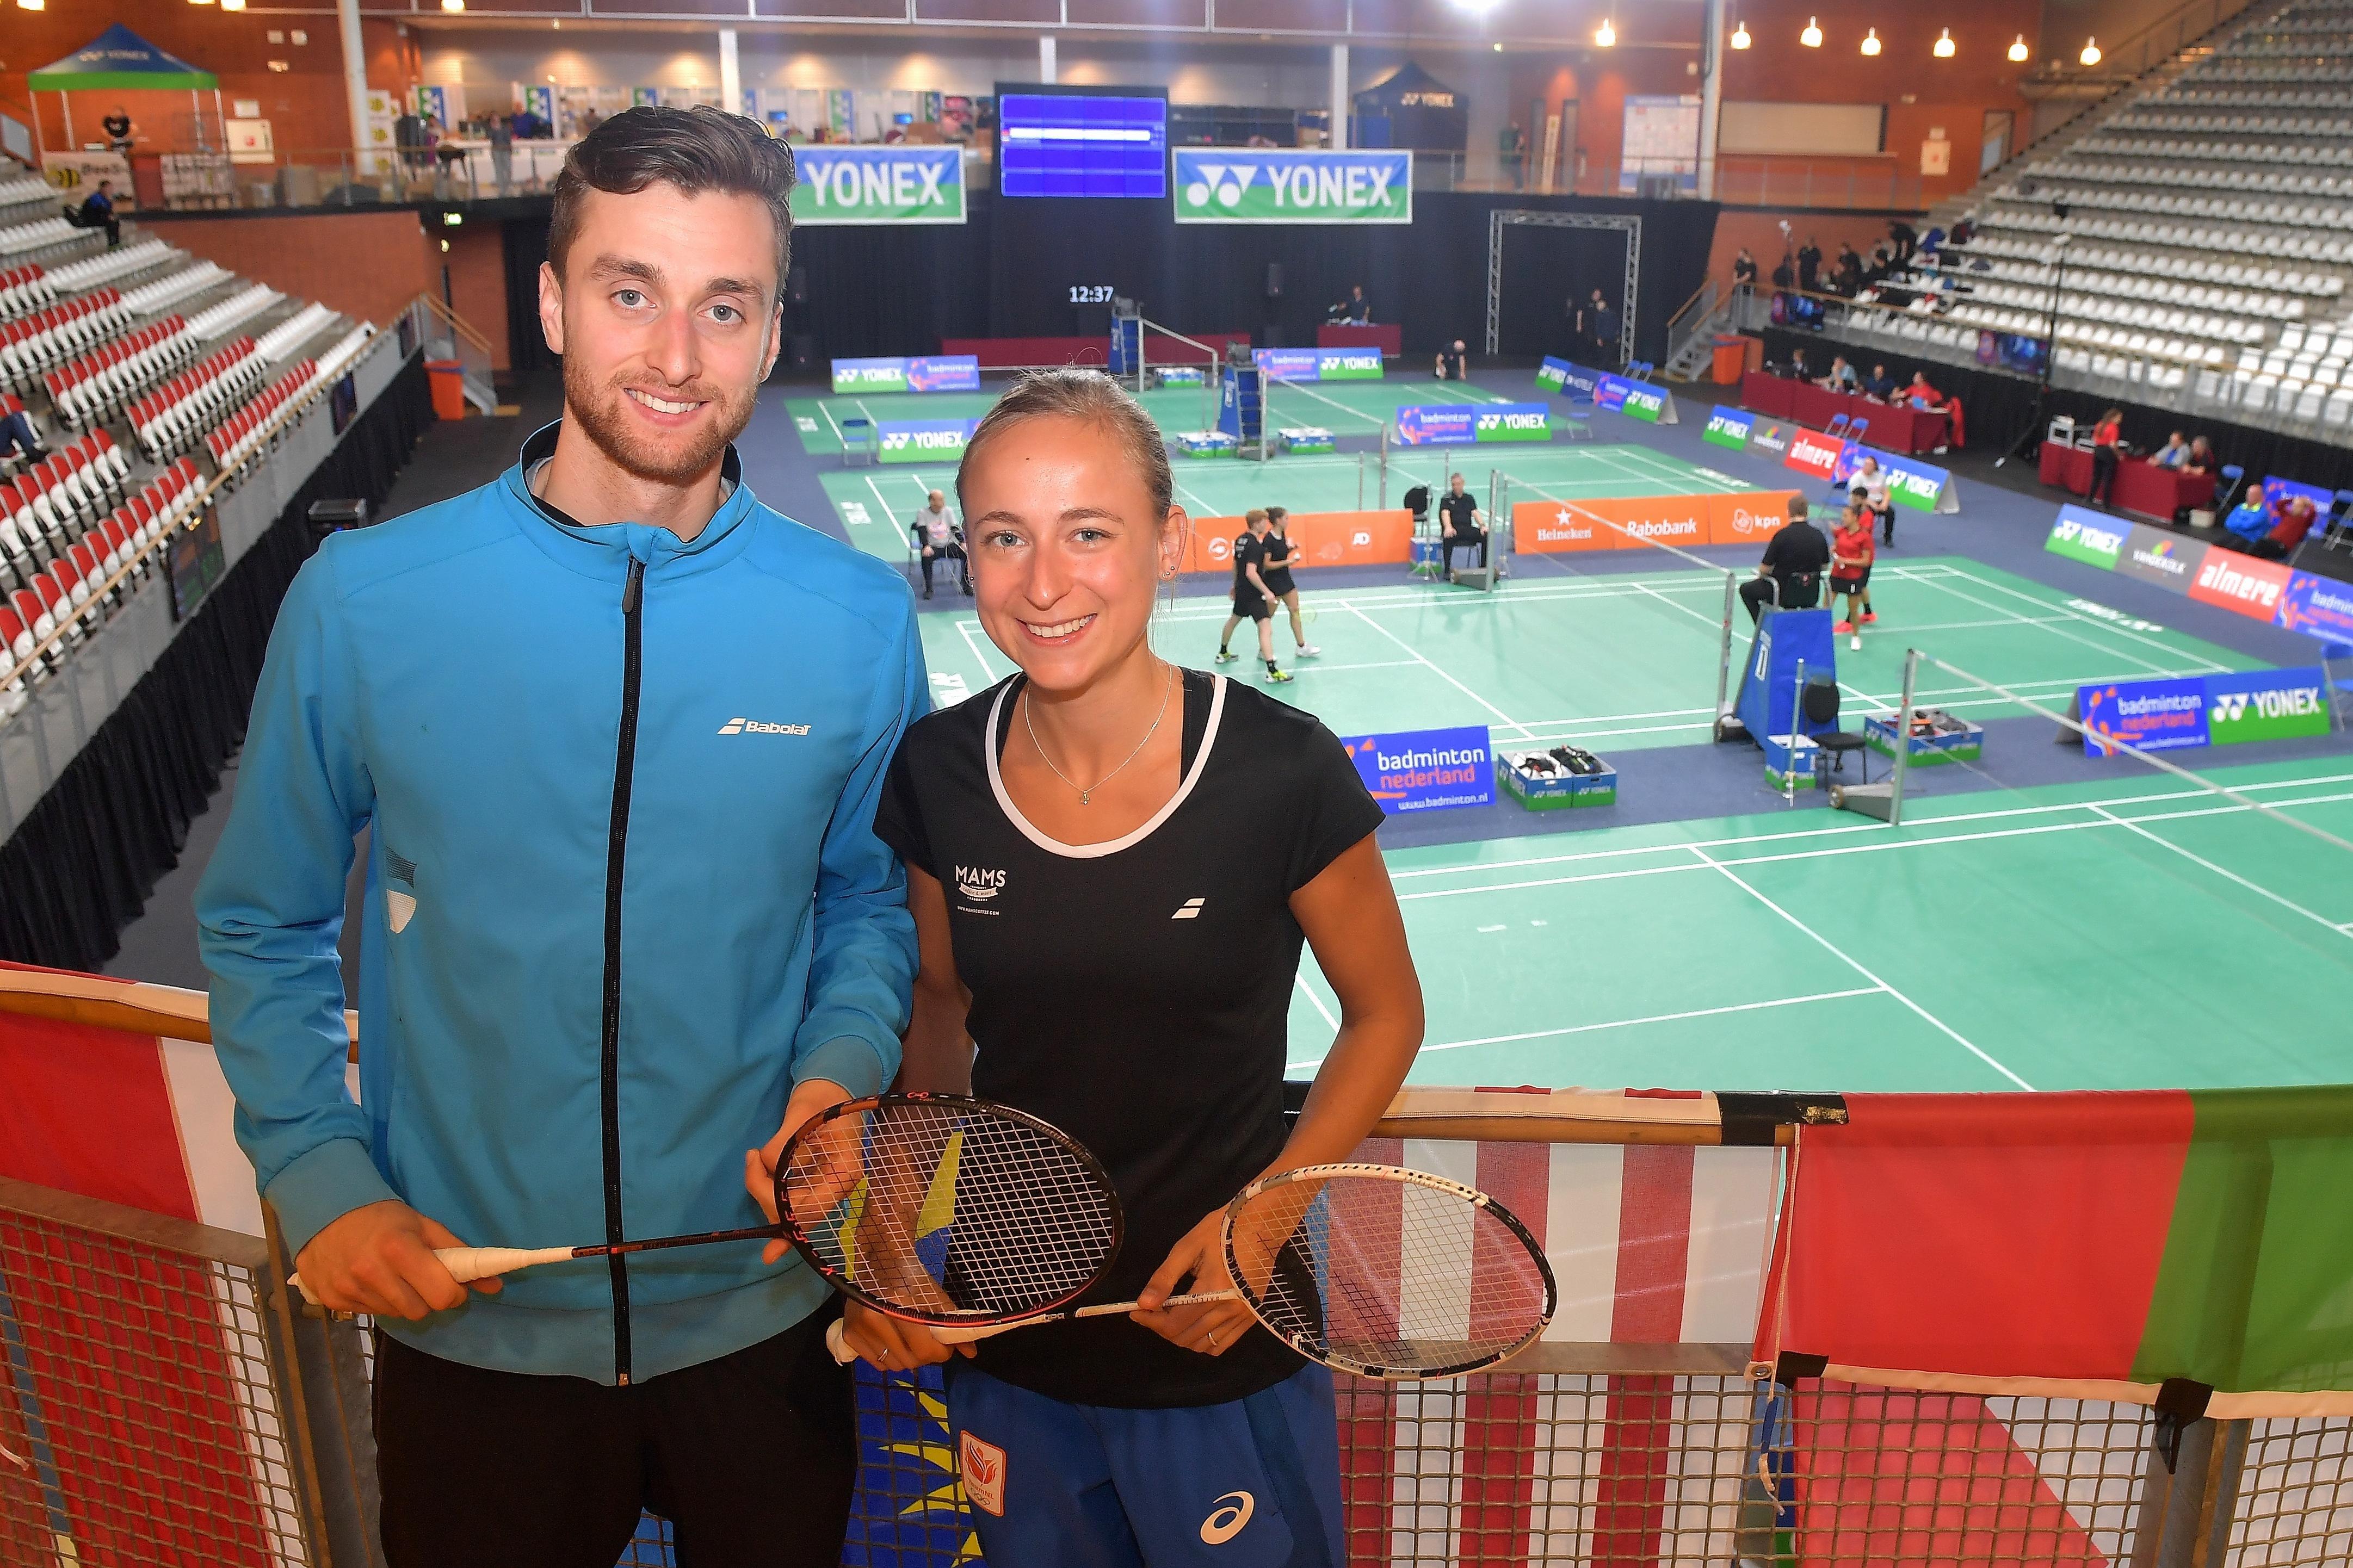 Haarlemse badmintonner met partner Piek als derde geplaatst